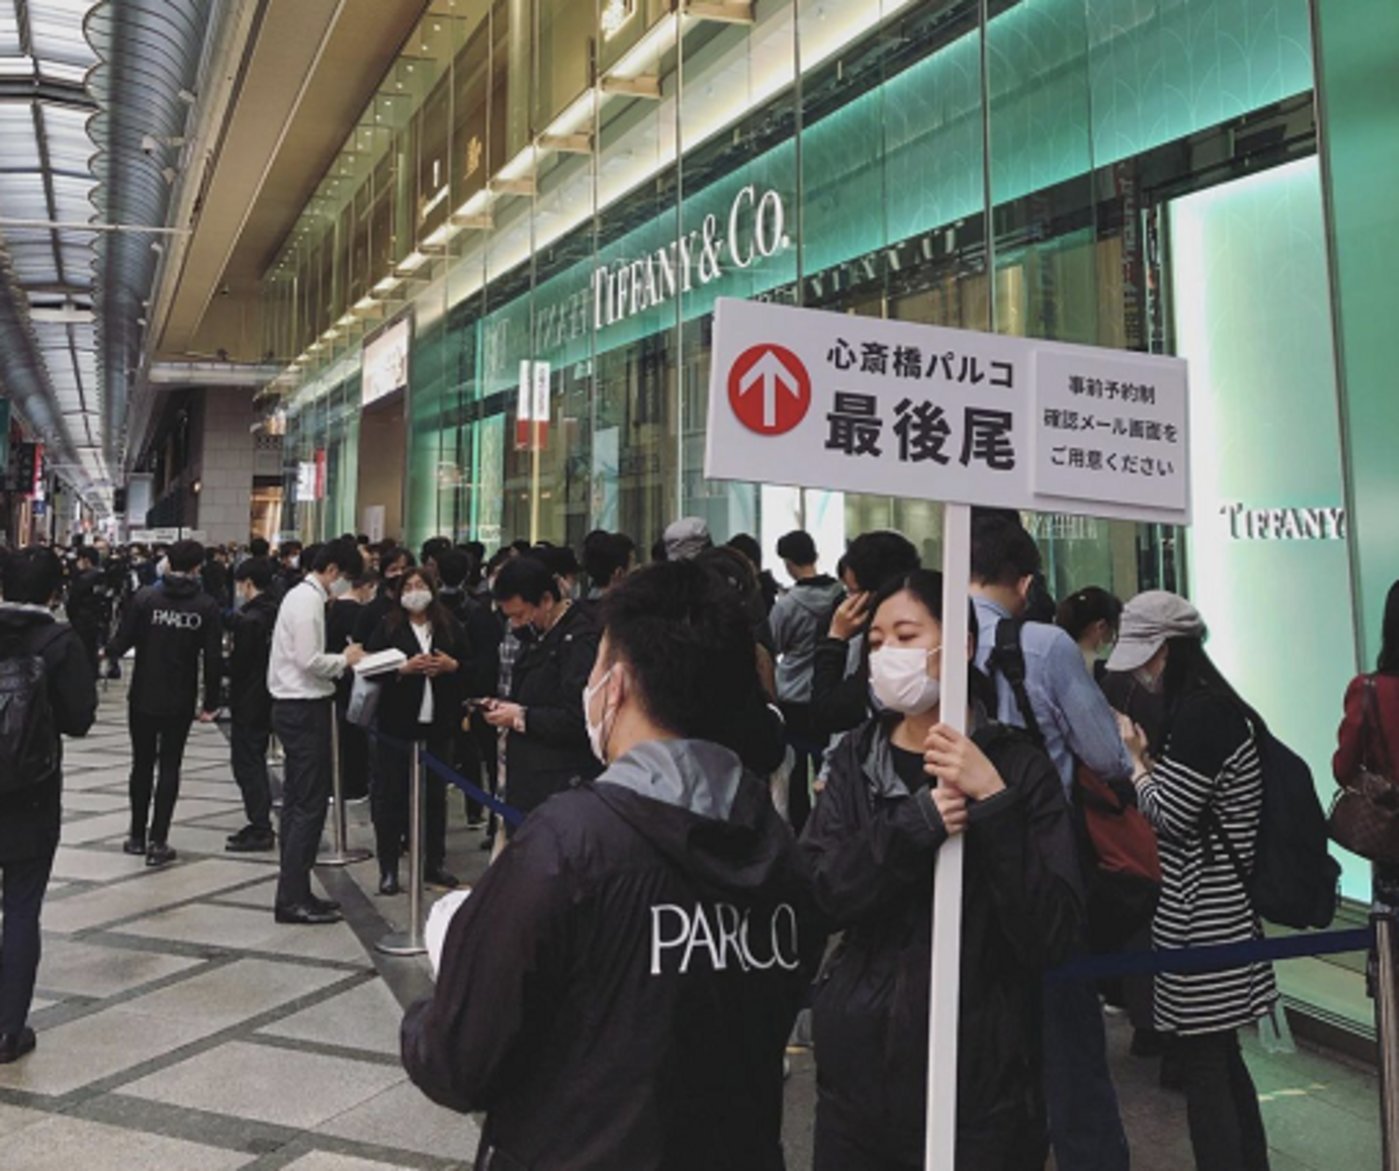 ▲2020年12月,日本心斋桥PARCO开业时排队打卡盛况。